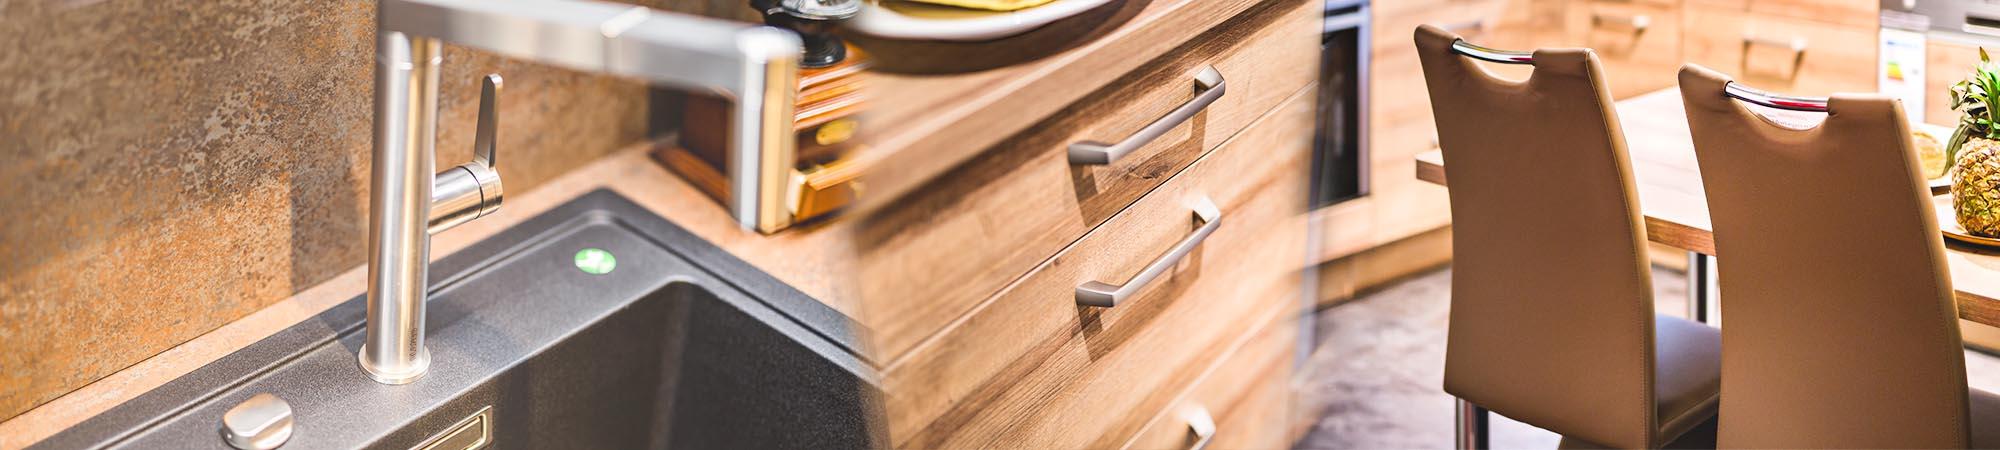 Möbel Schröter moderne Küchen